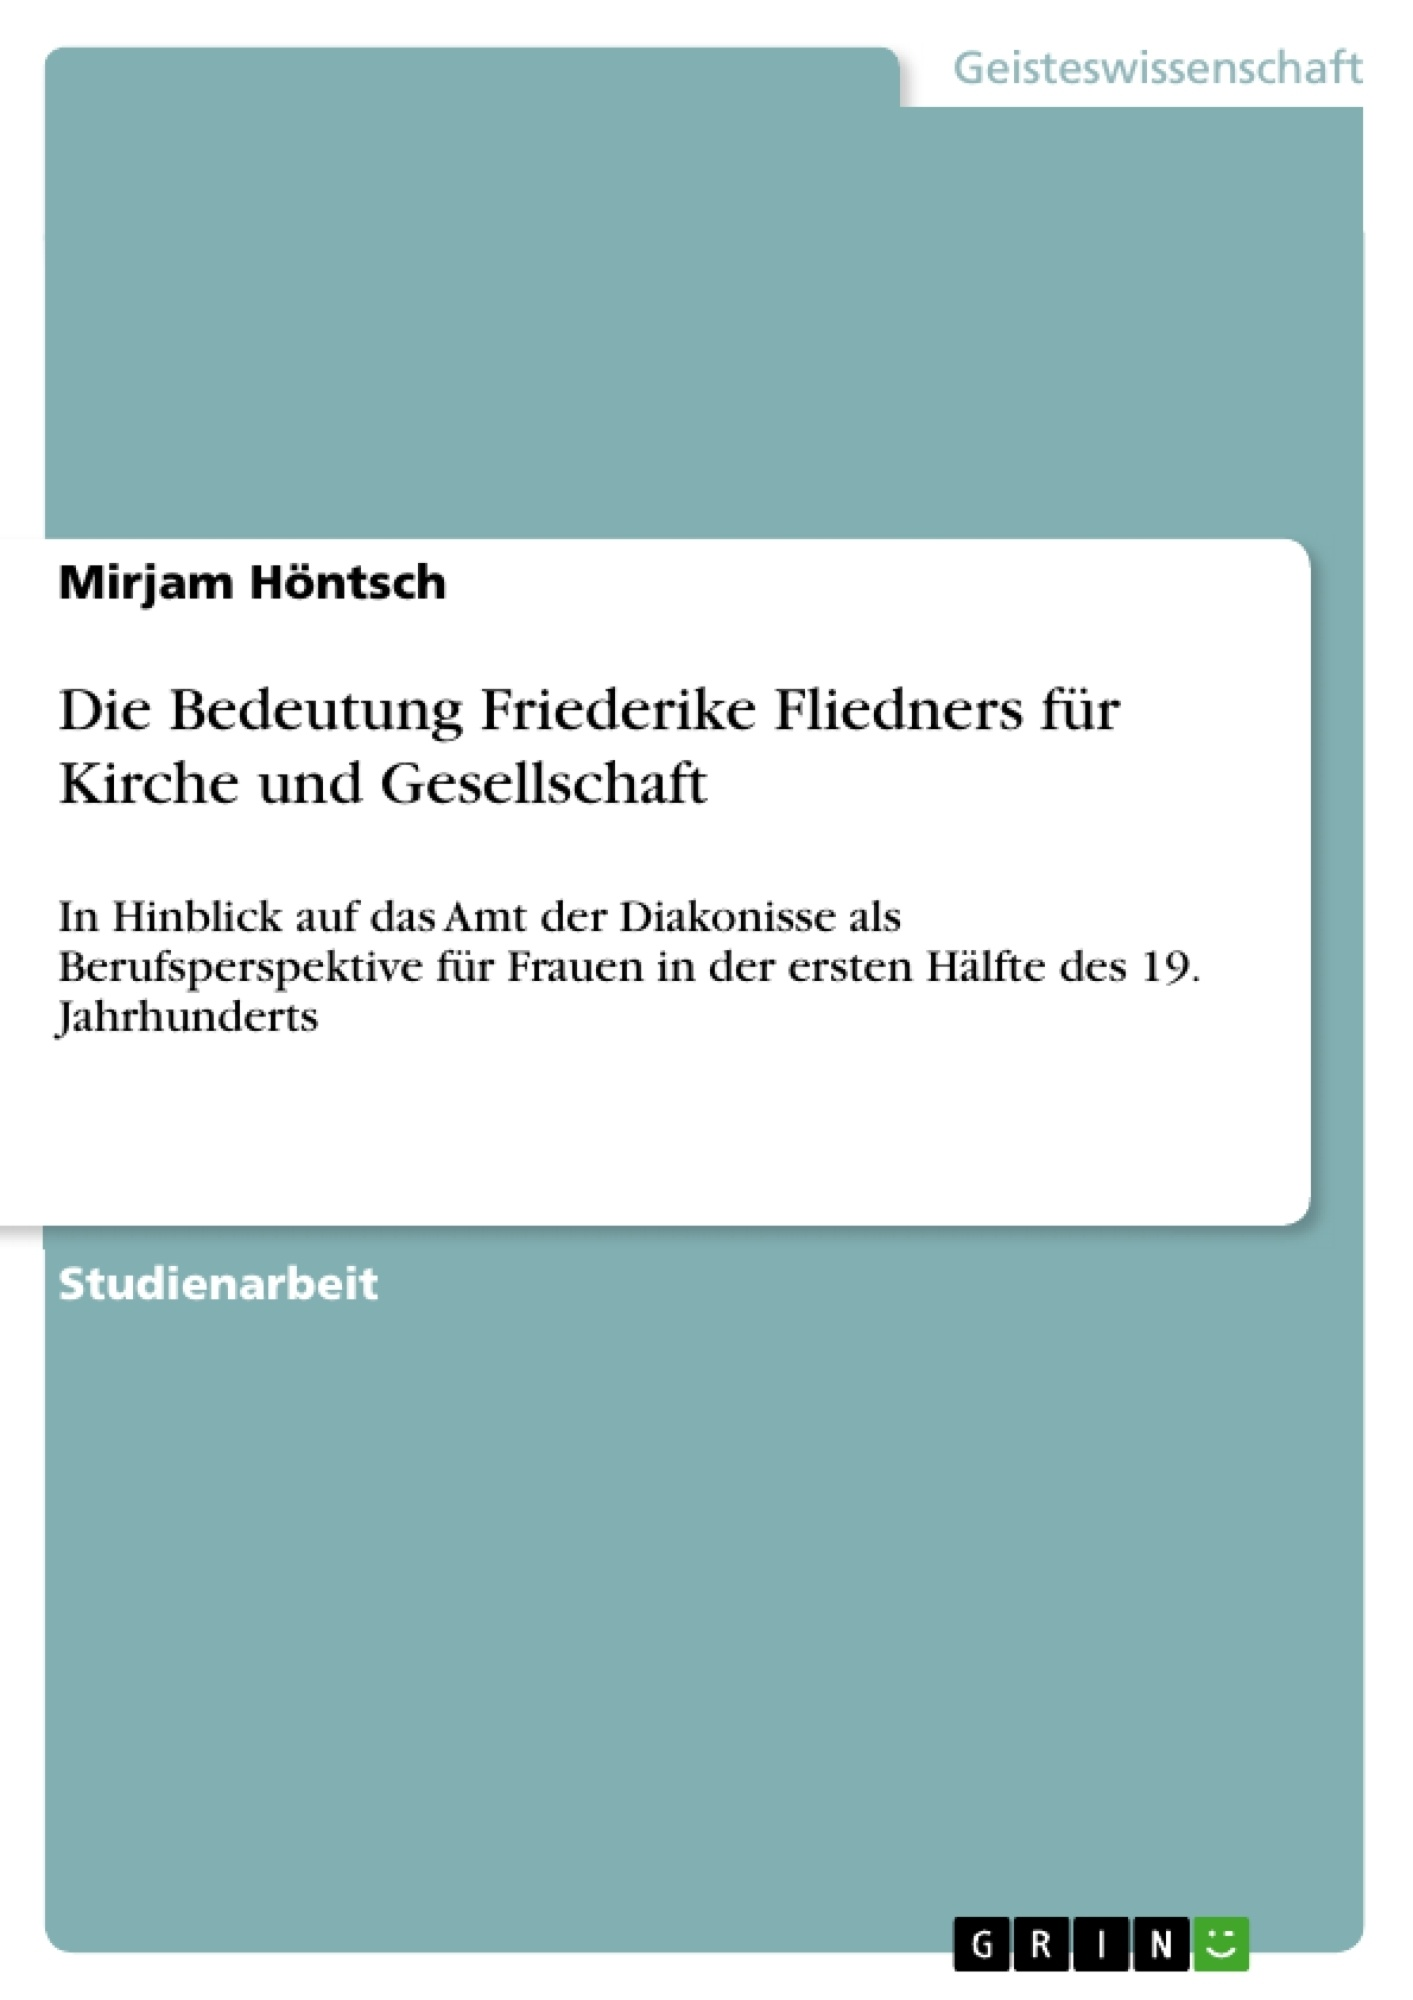 Titel: Die Bedeutung Friederike Fliedners für Kirche und Gesellschaft